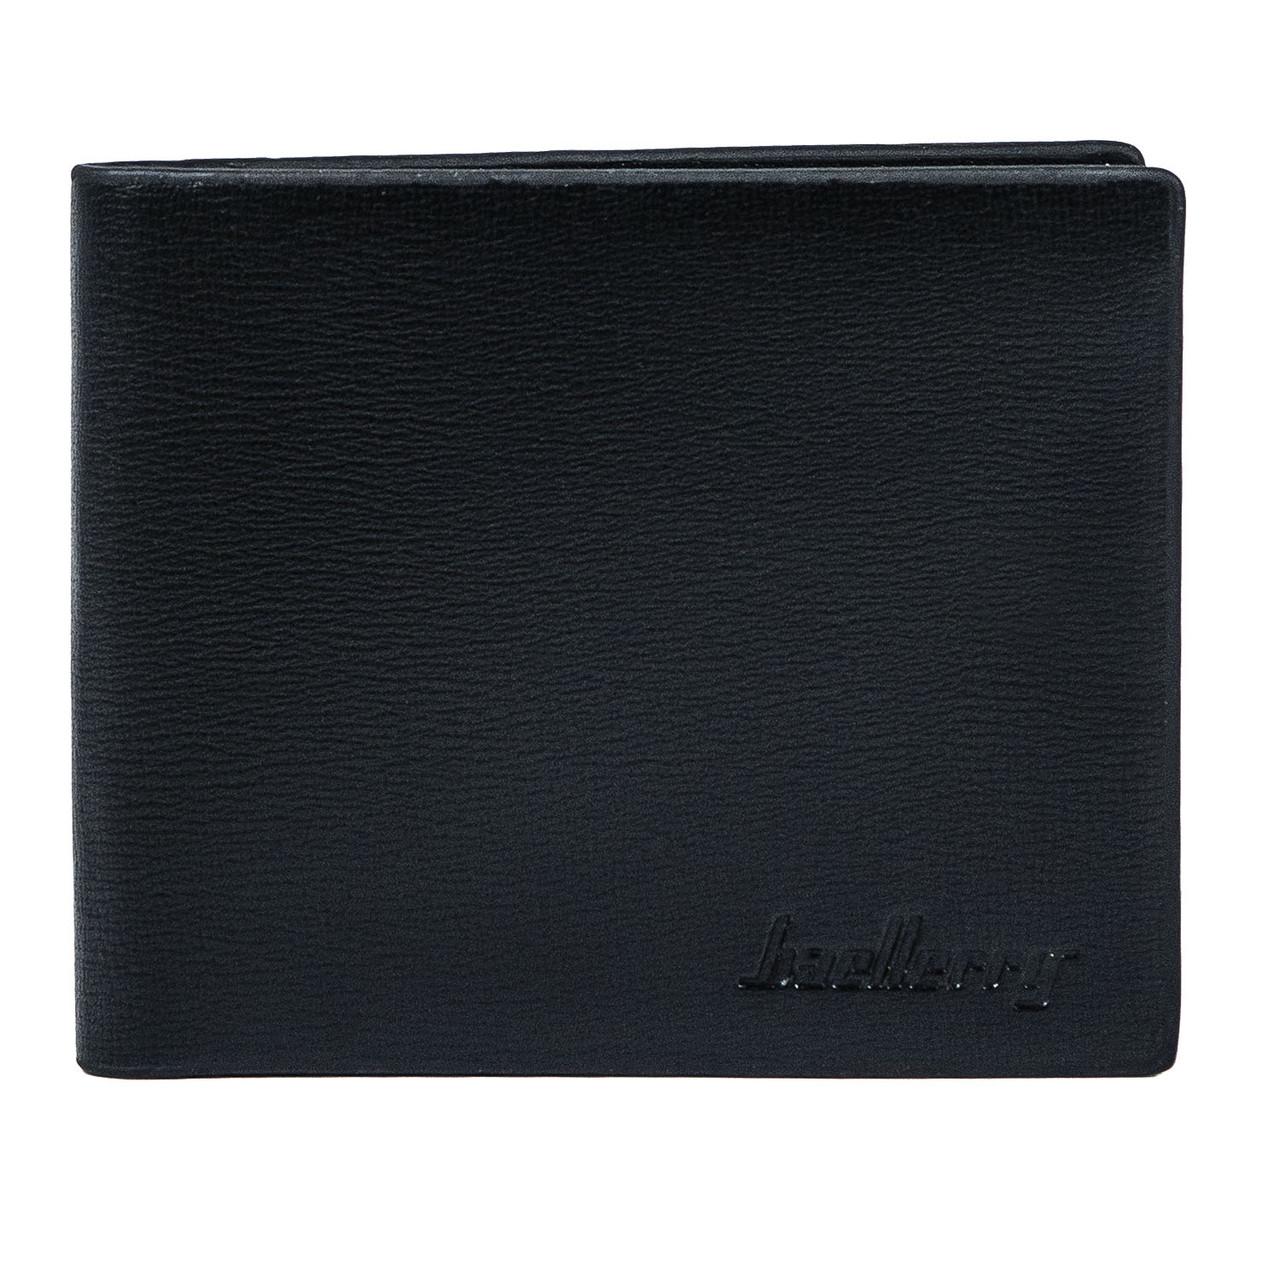 Мужской Кошелек Бумажник Baellerry (R1865) Двойного Сложения Искусственная Кожа Черный